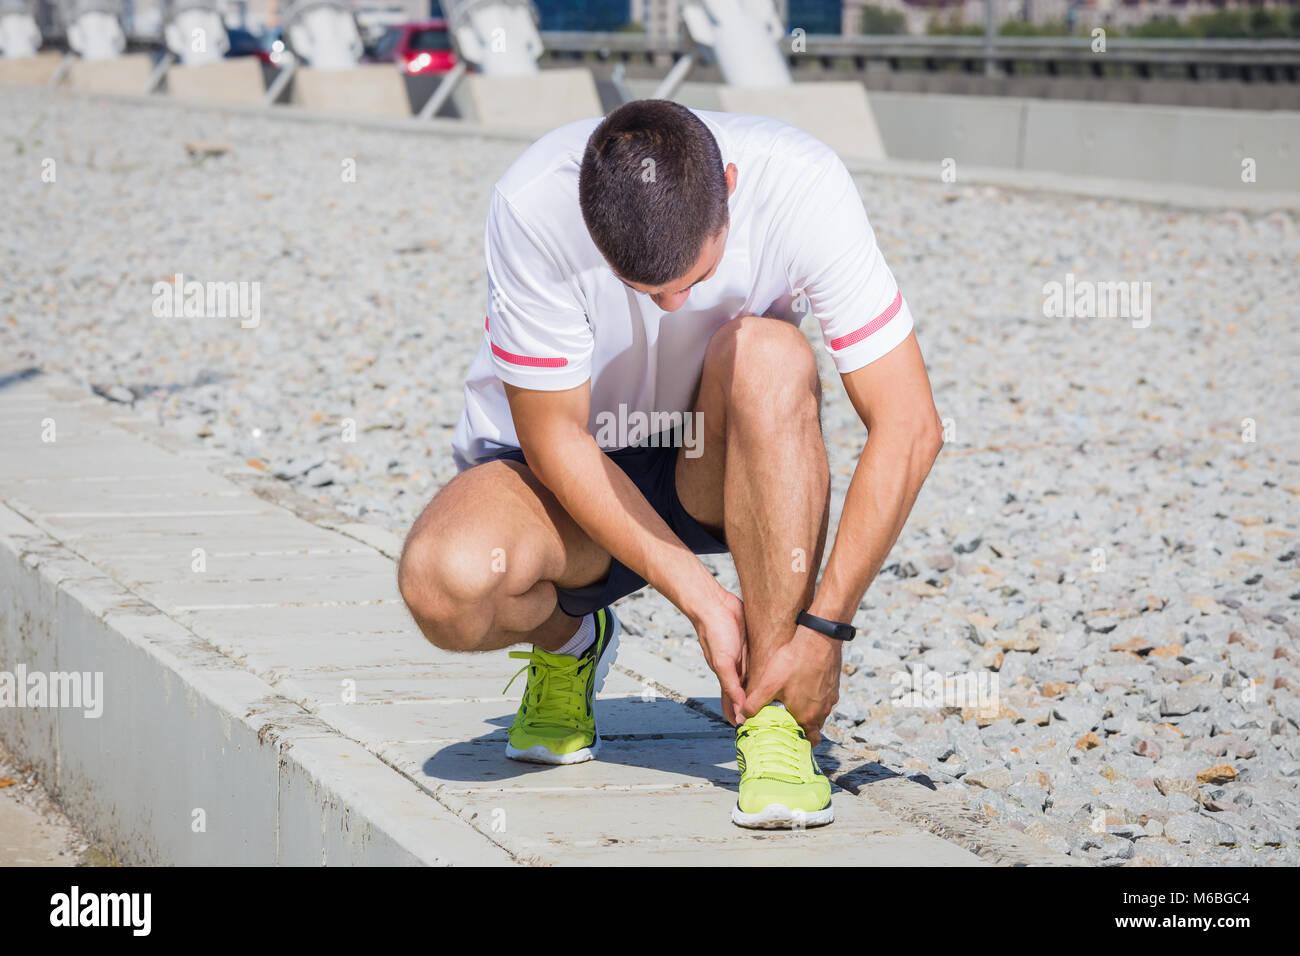 L'athlète exécute la sensation de douleur après avoir son genou blessé. Accident sur une piste de course au cours Banque D'Images